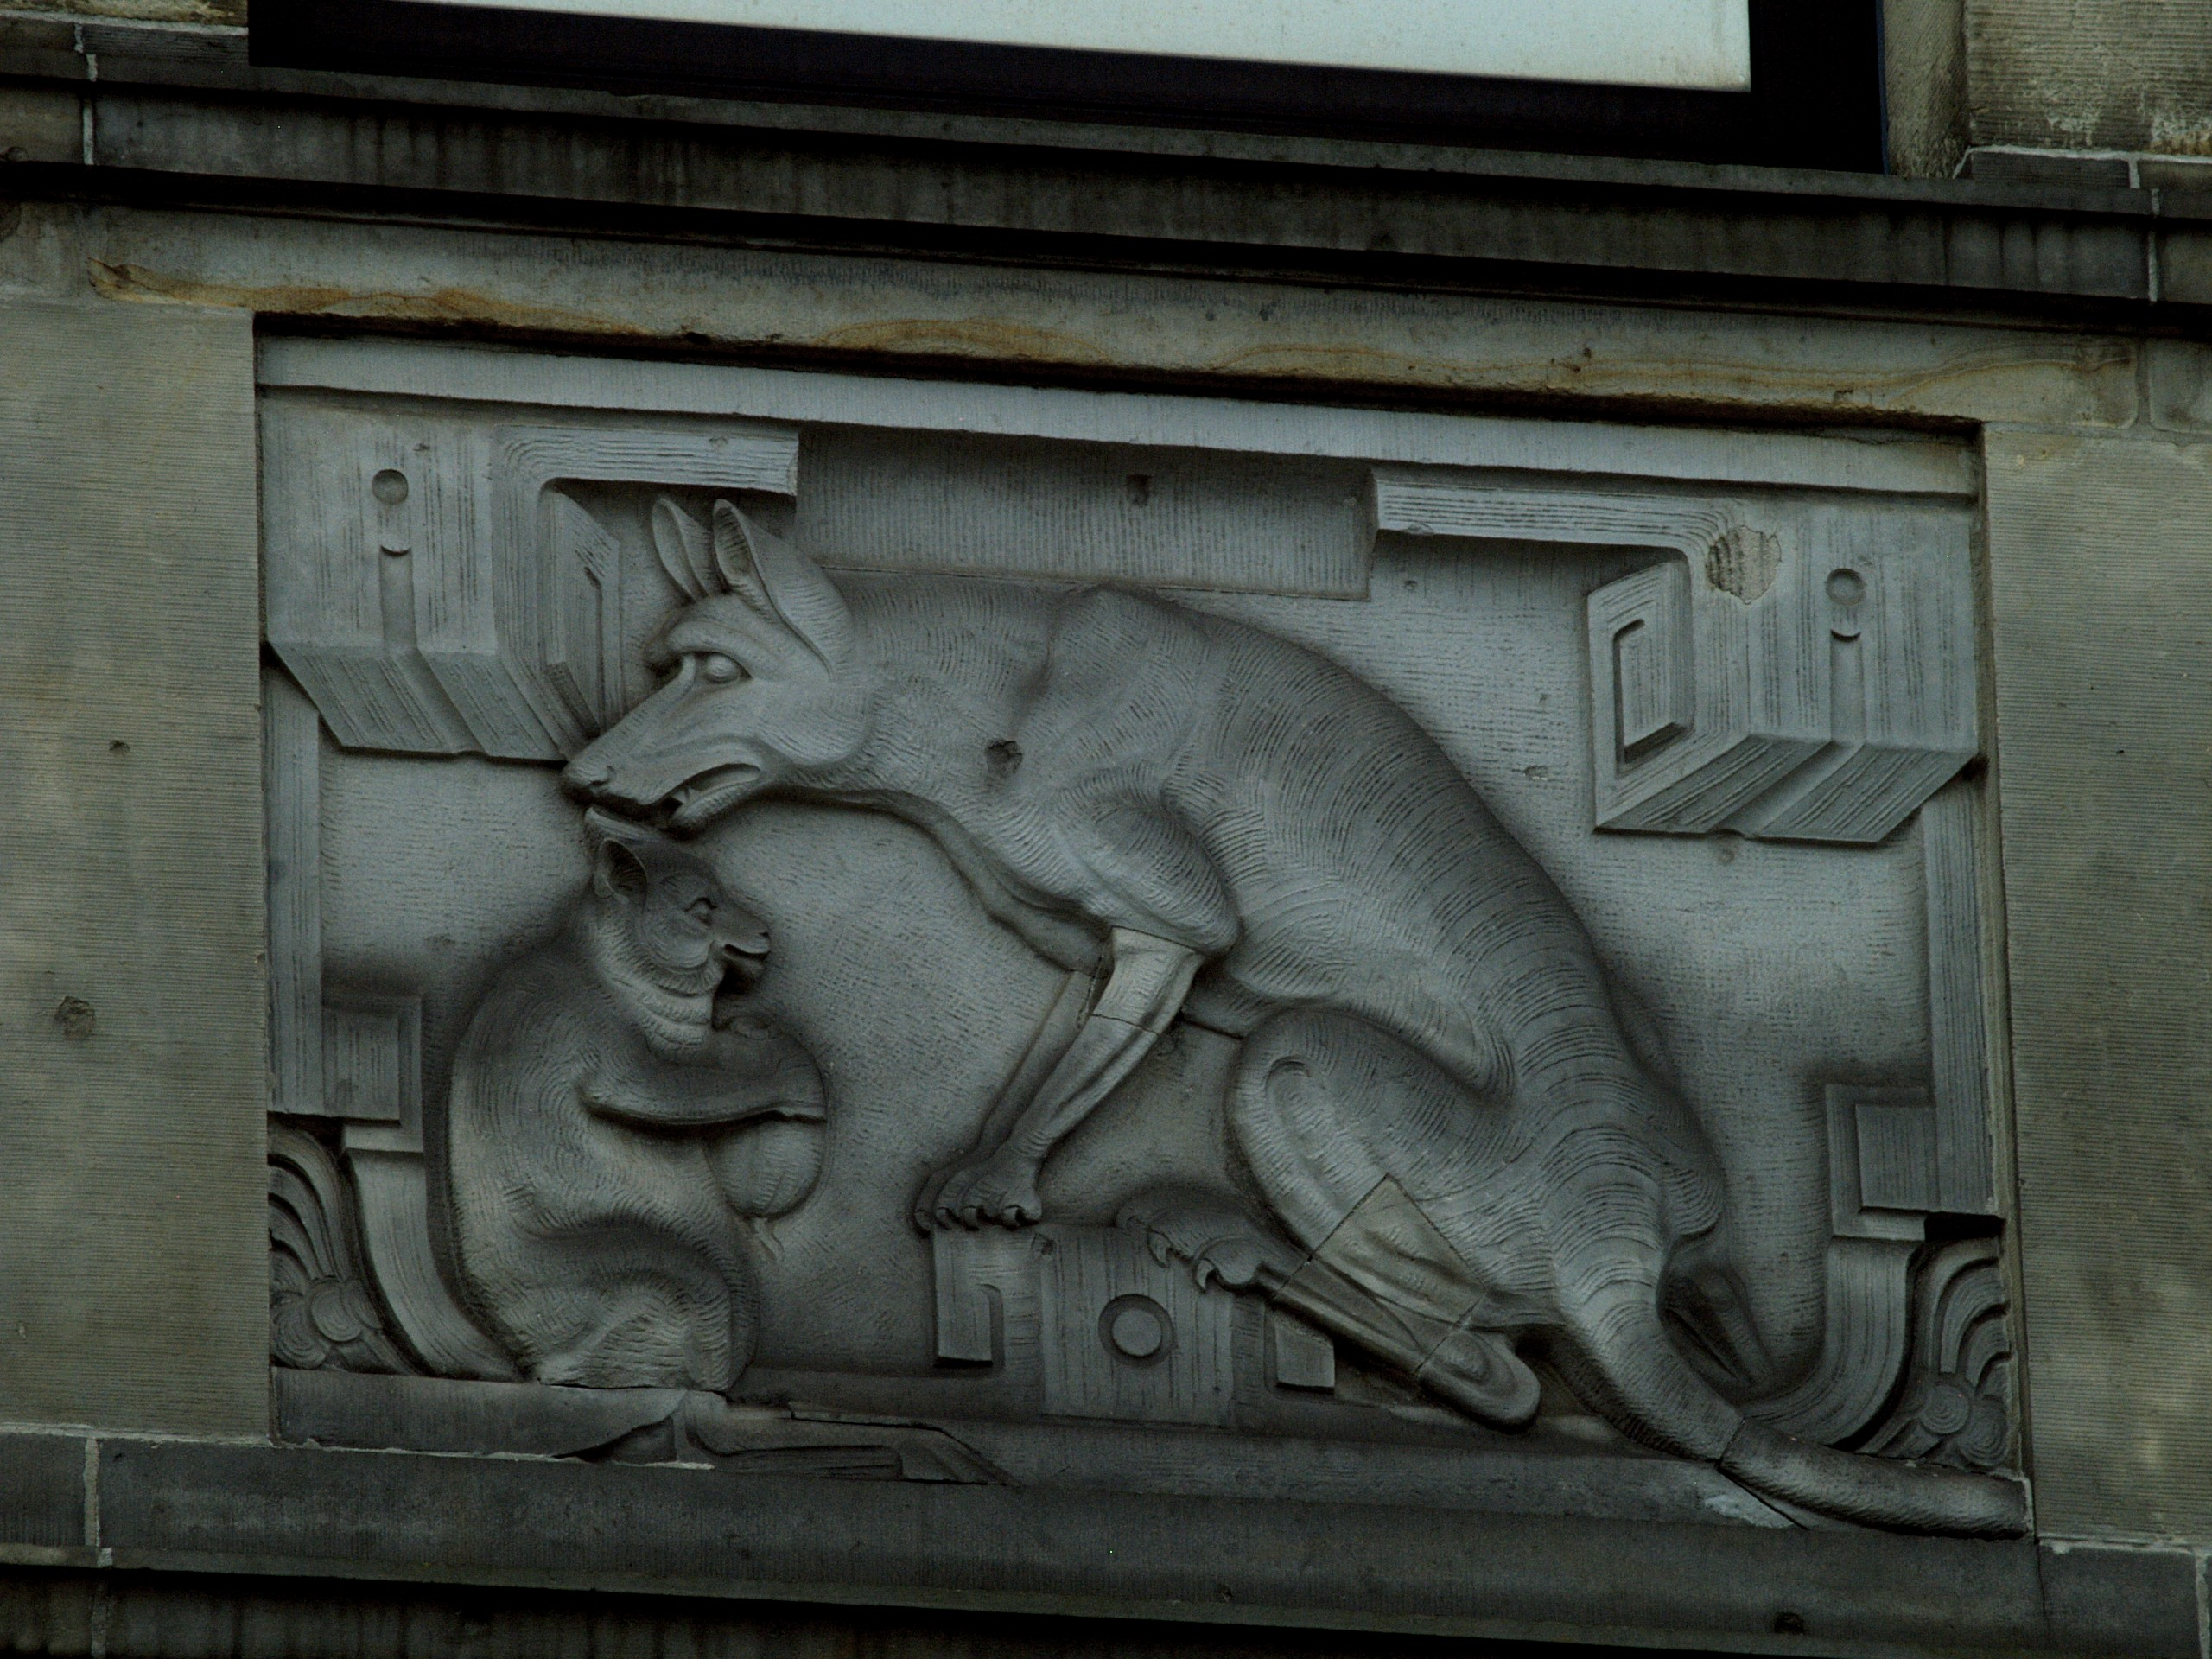 11-14-07-0478boküseeskulptierwolf